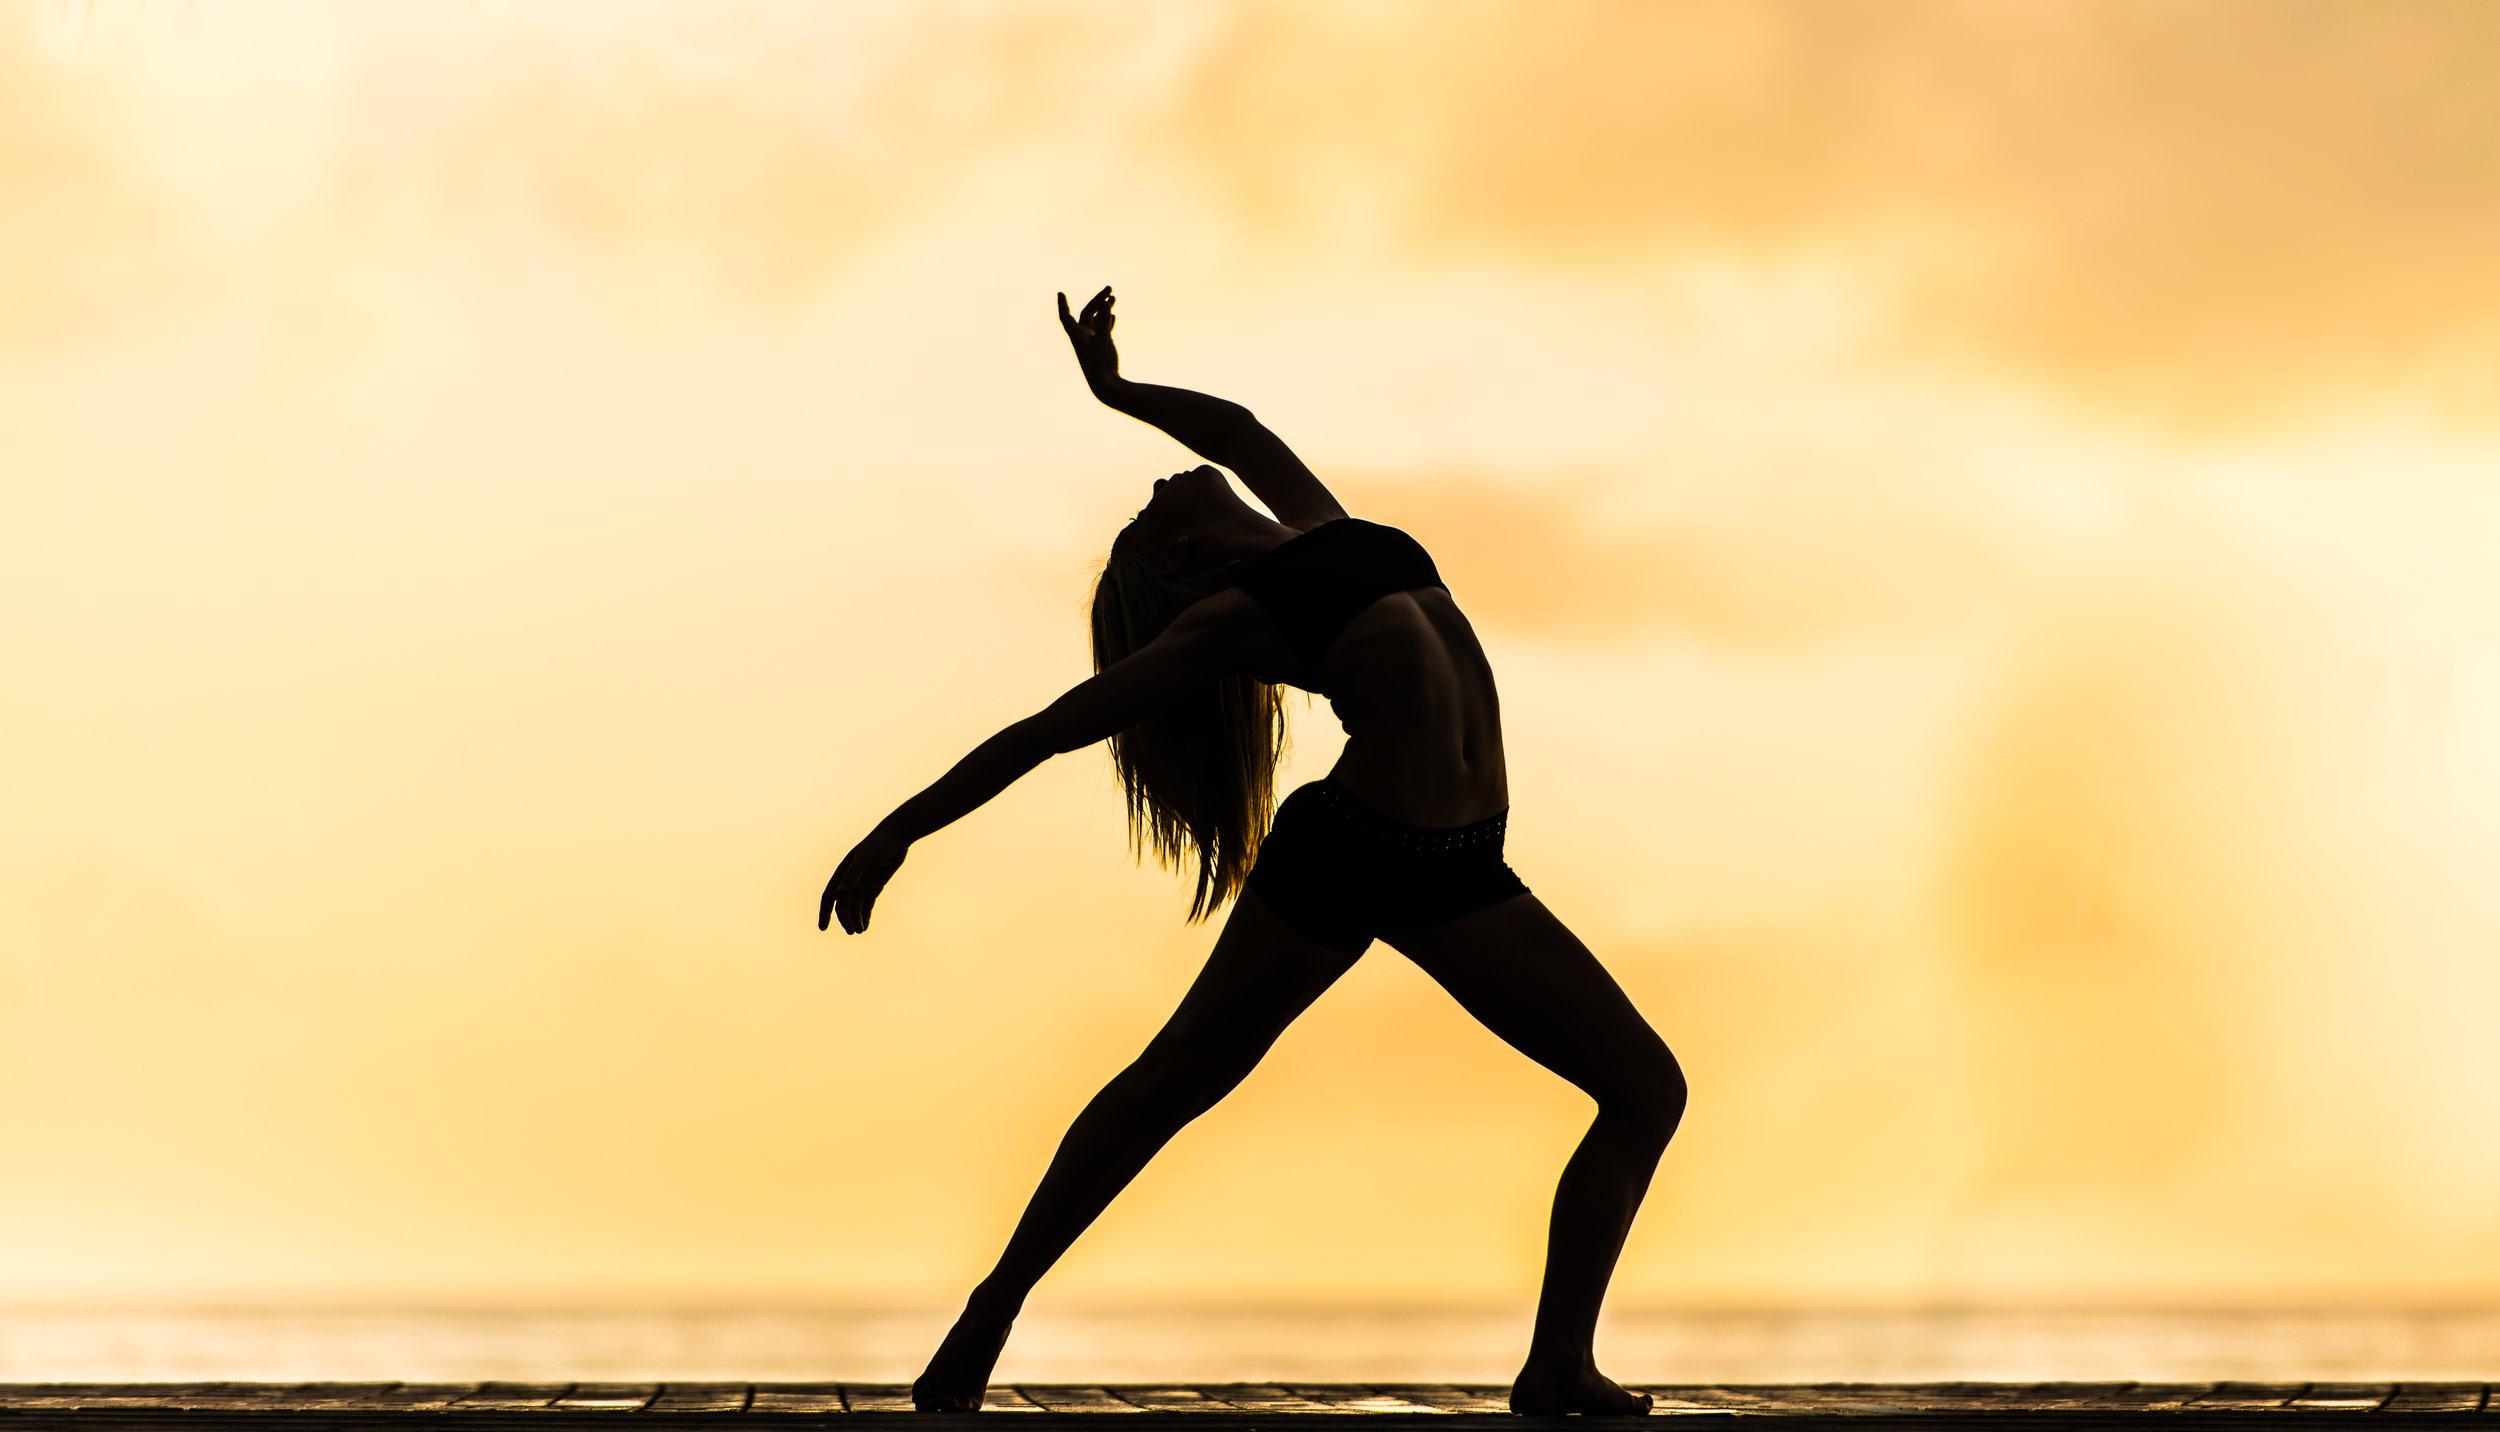 Yoga Trance Dance™ - ist geeignet für Yogalehrer und Alle, die diese zeitlose Form der Bewegung, Ekstase und Meditation lieben und lernen möchten.Die Immersion kann auch als persönliche Weiterentwicklung oder aus purer Freude oder Interesse an Bewegung, Tanz und Meditation besucht werden.Die Immersion vermittelt alle Basis-Werkzeuge für ein tieferes Verständnis und Integration der verschiedenen Aspekte einer Yoga Trance Dance Stunde.